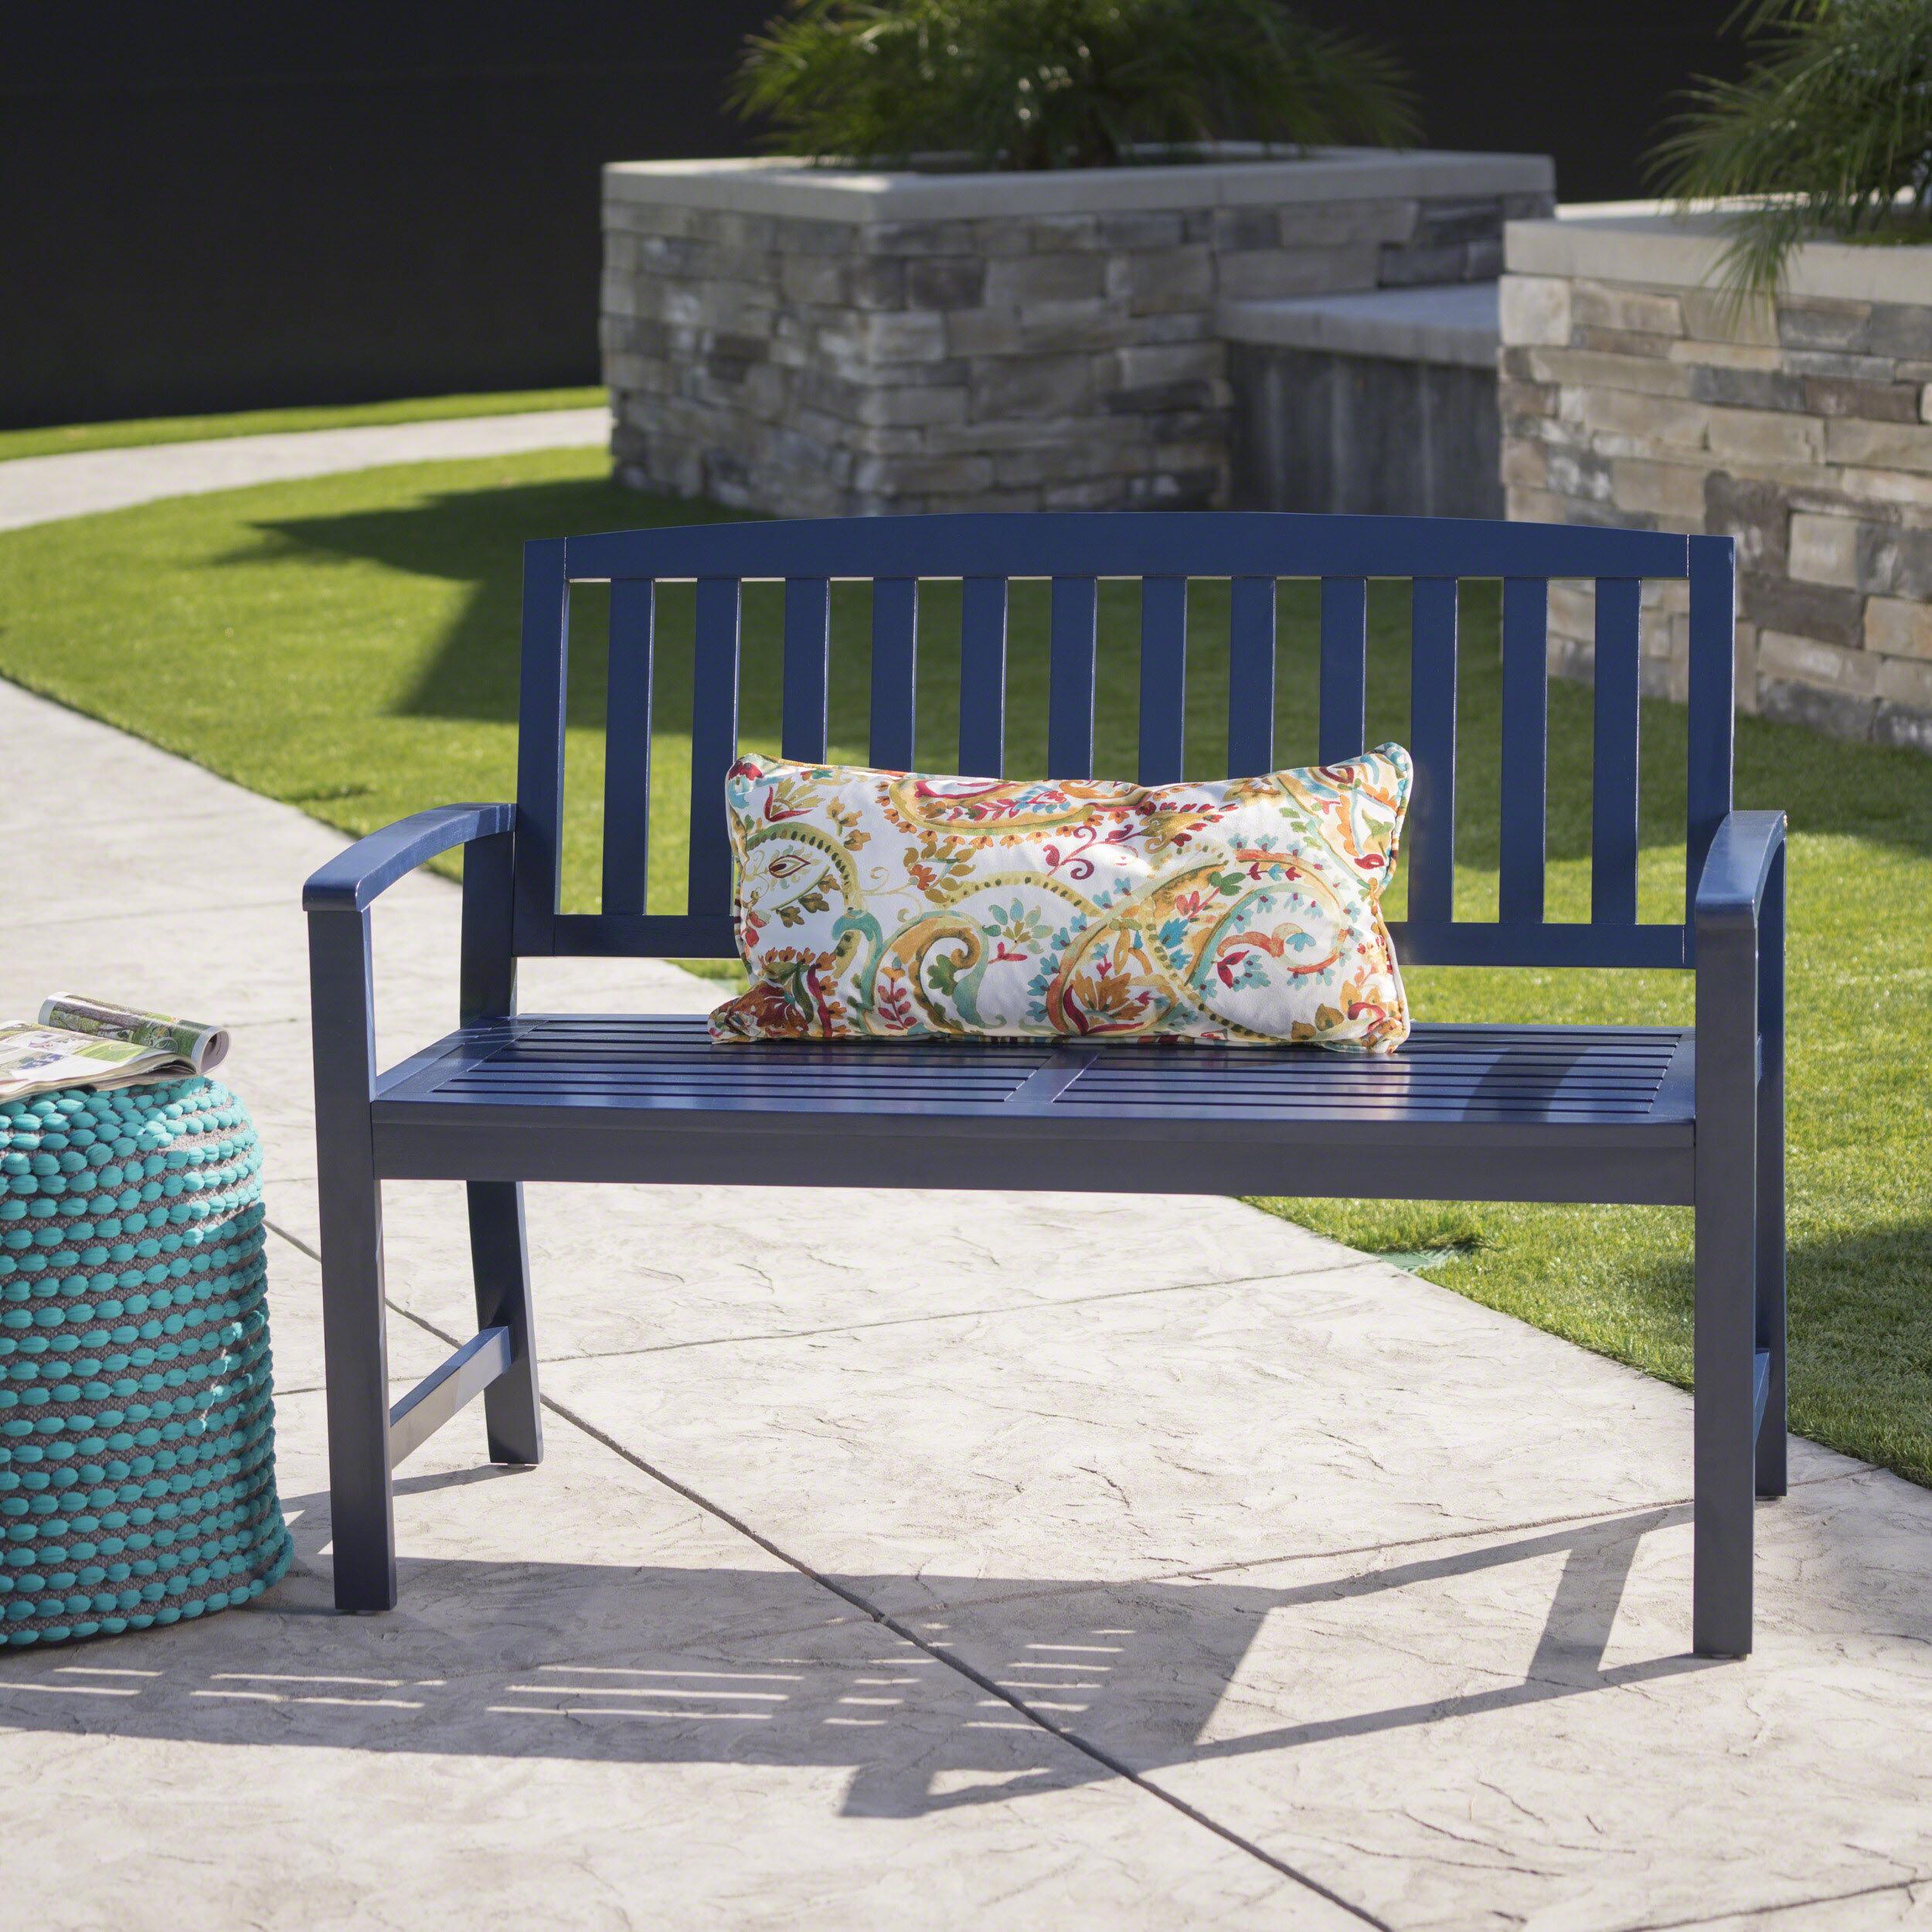 Beachcrest Home Leora Wooden Garden Bench & Reviews | Wayfair For Elsner Acacia Garden Benches (View 25 of 25)